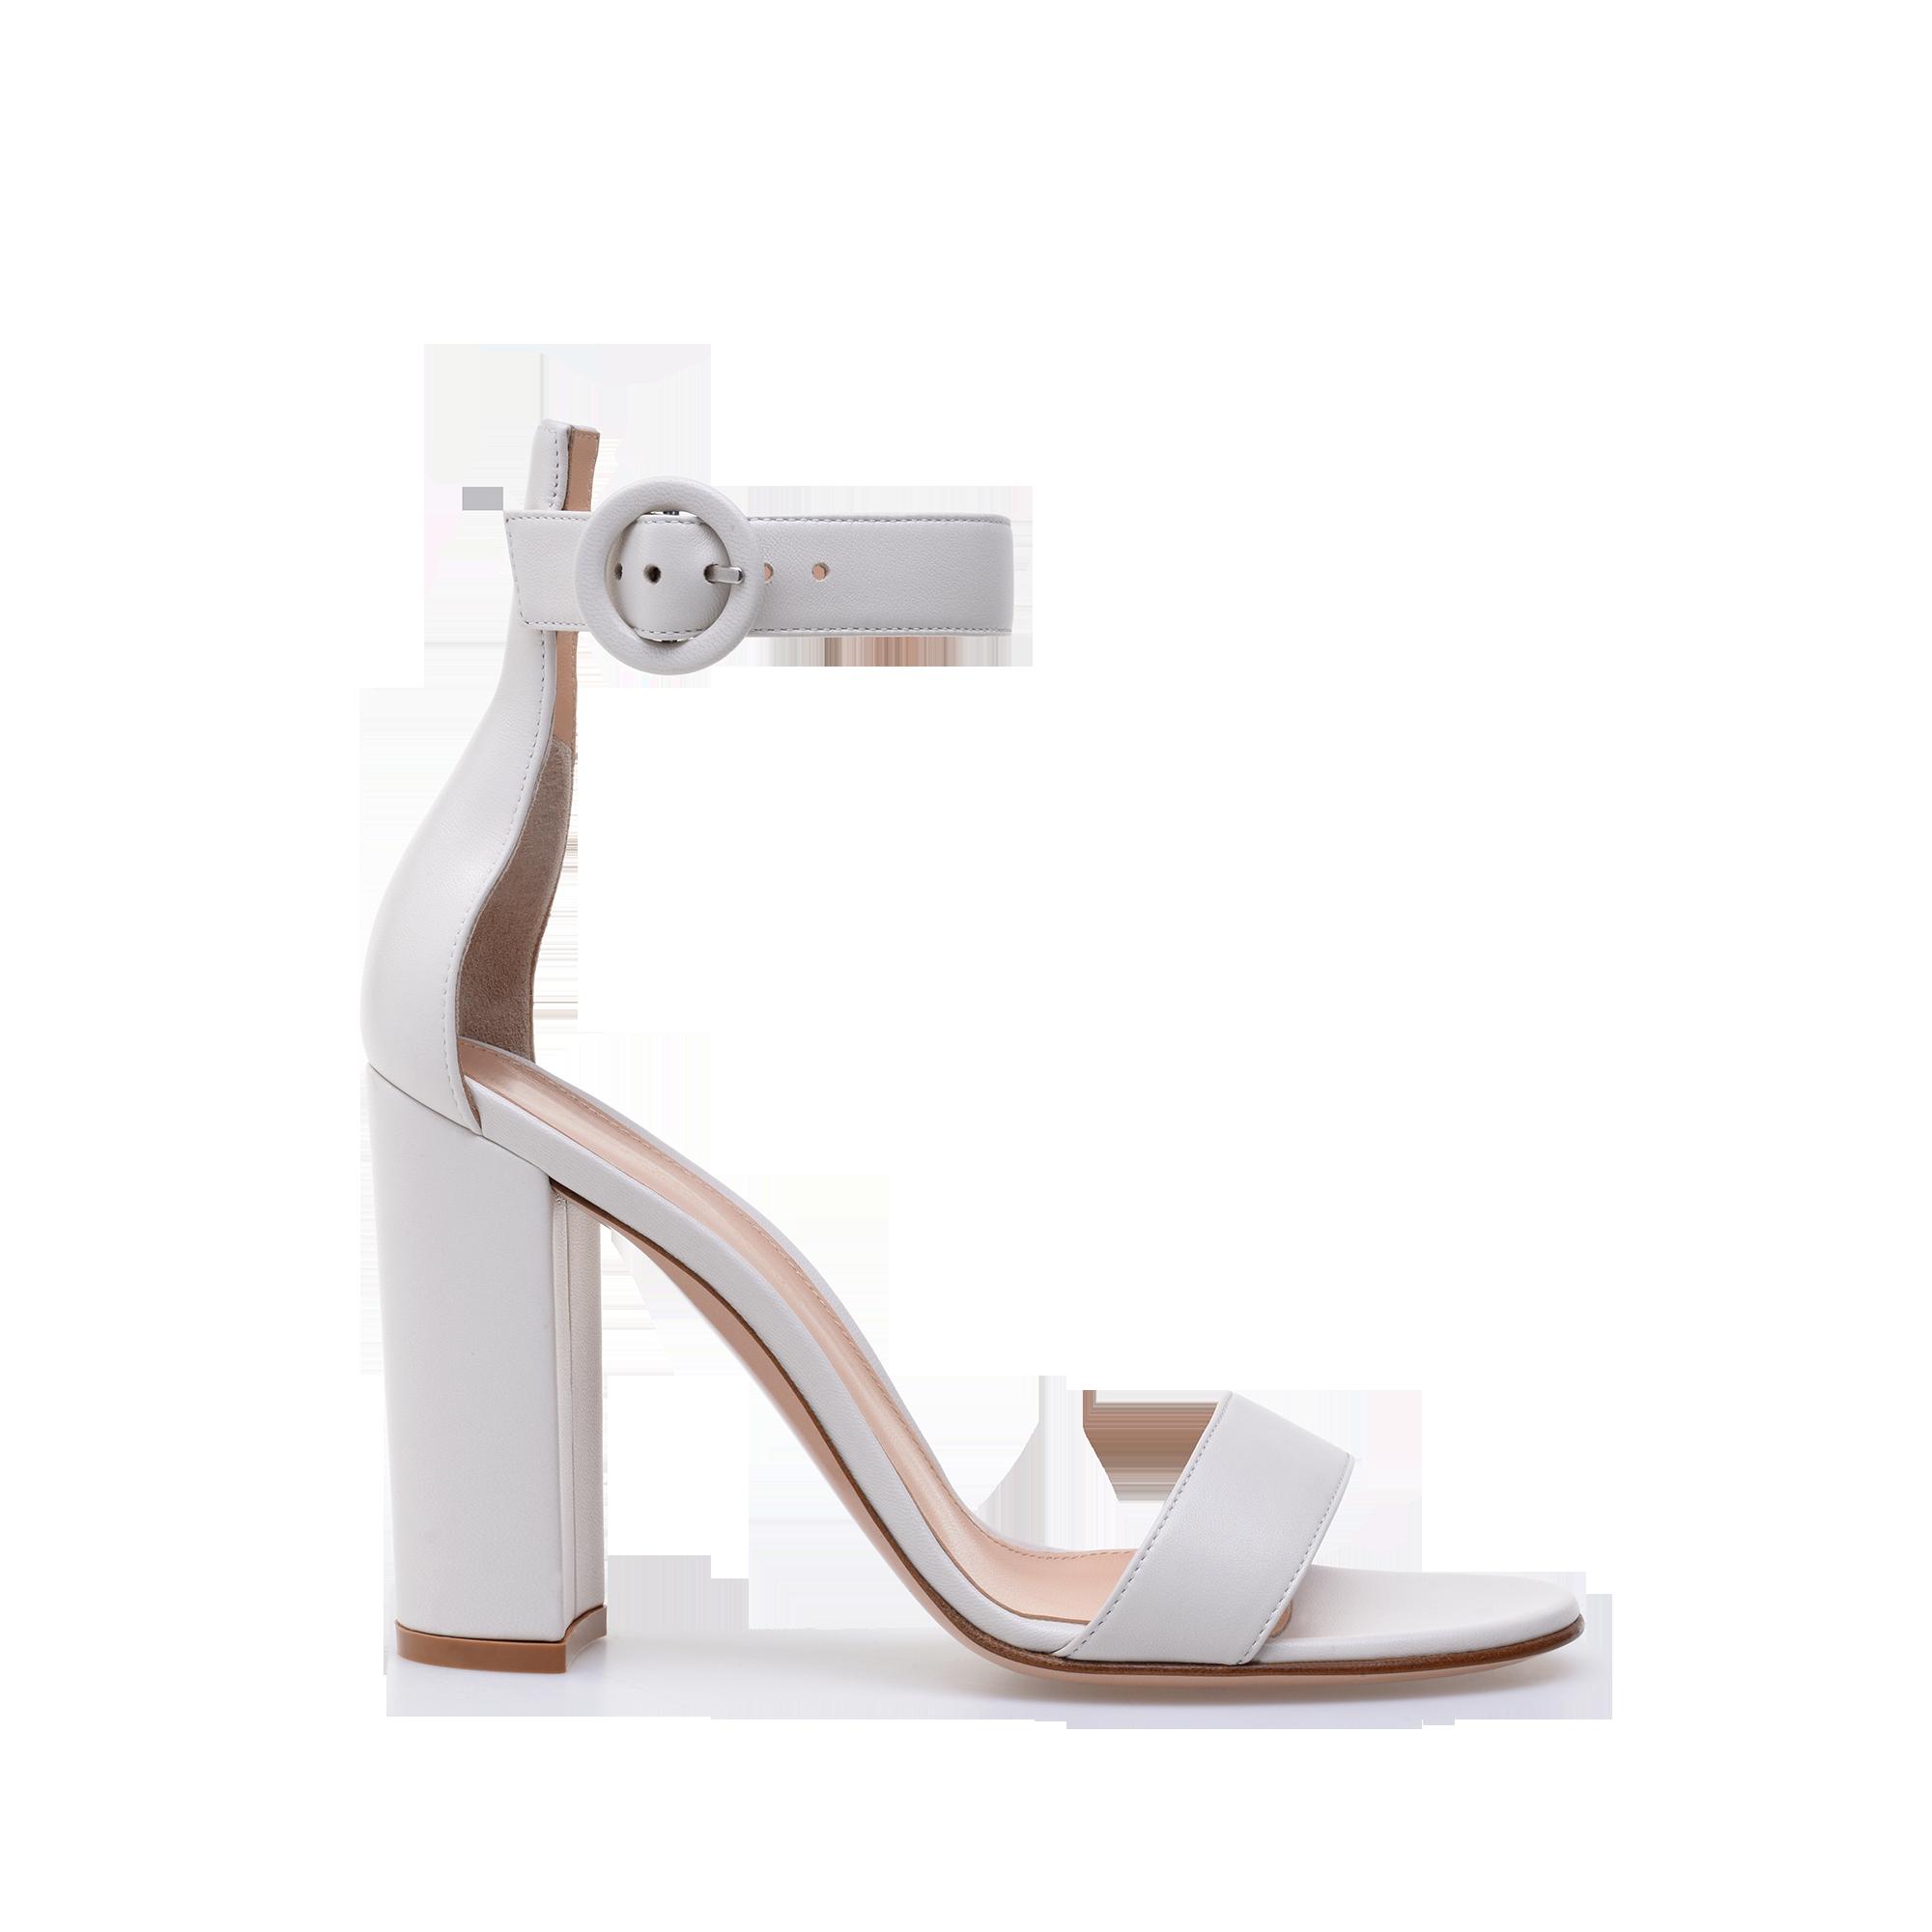 ce61c1531 CANNES - Sandals - Woman